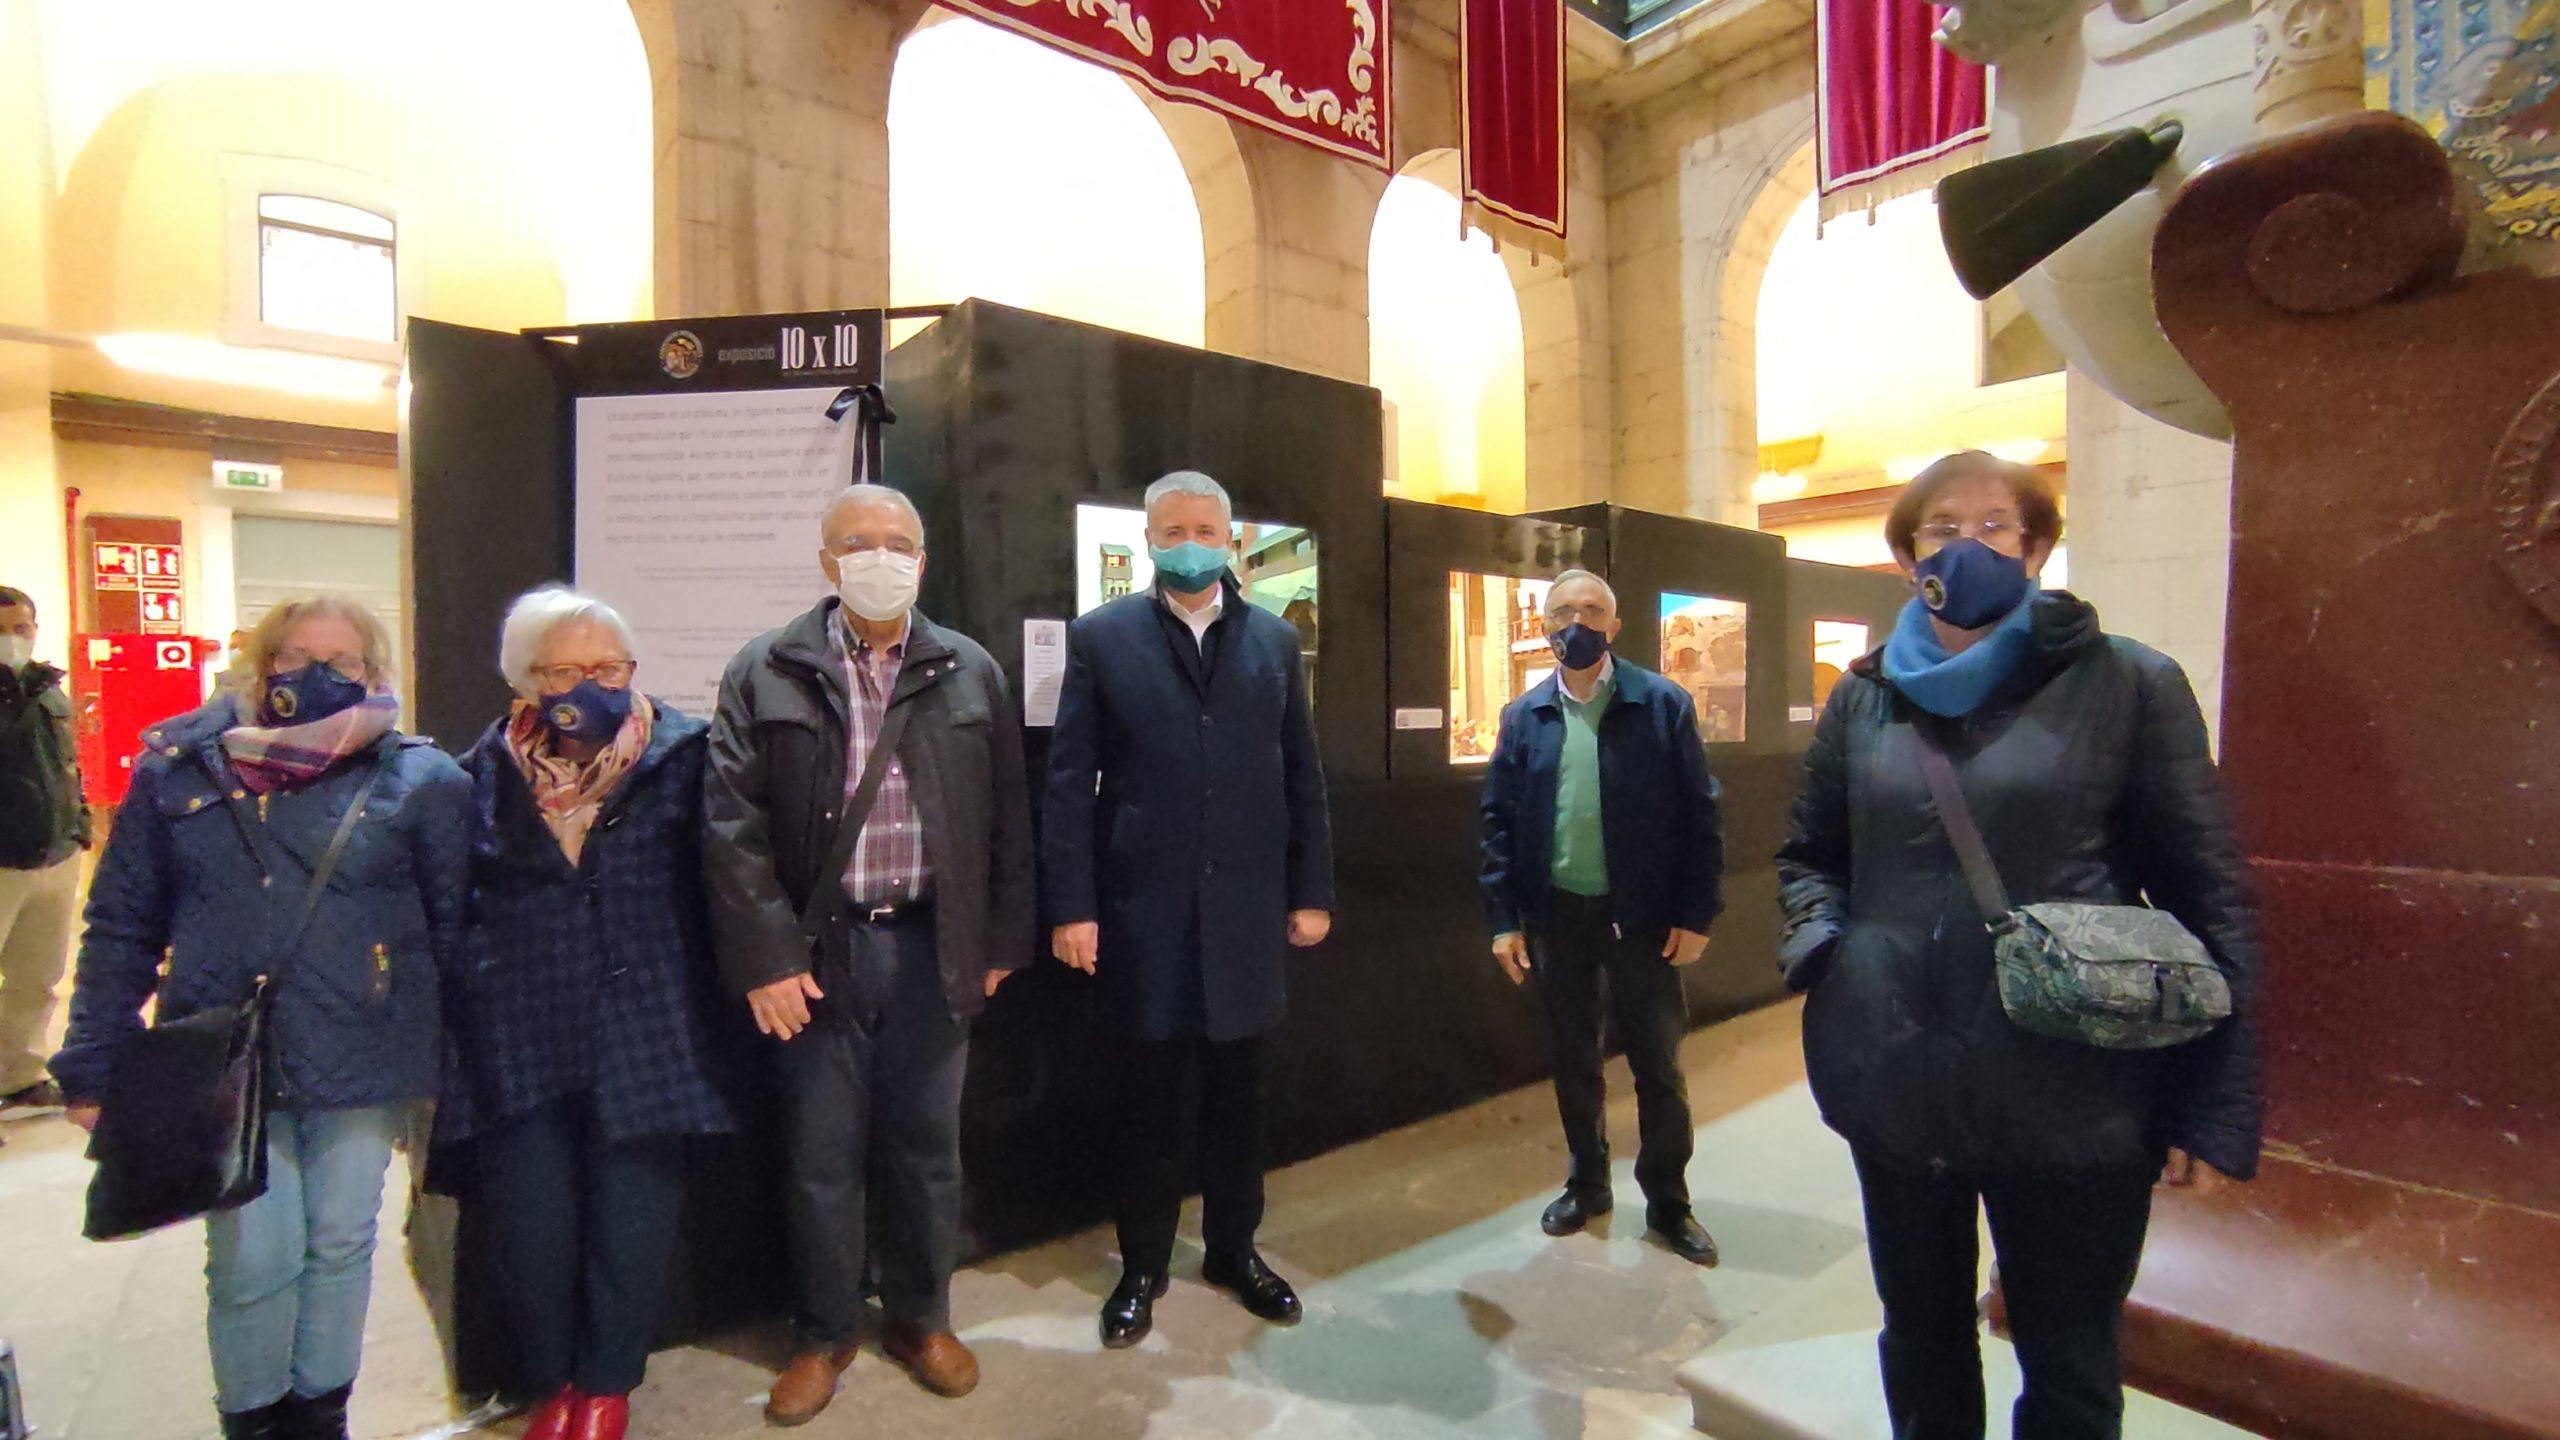 """L'alcalde Ricomà obre l'exposició """"10 x 10"""""""